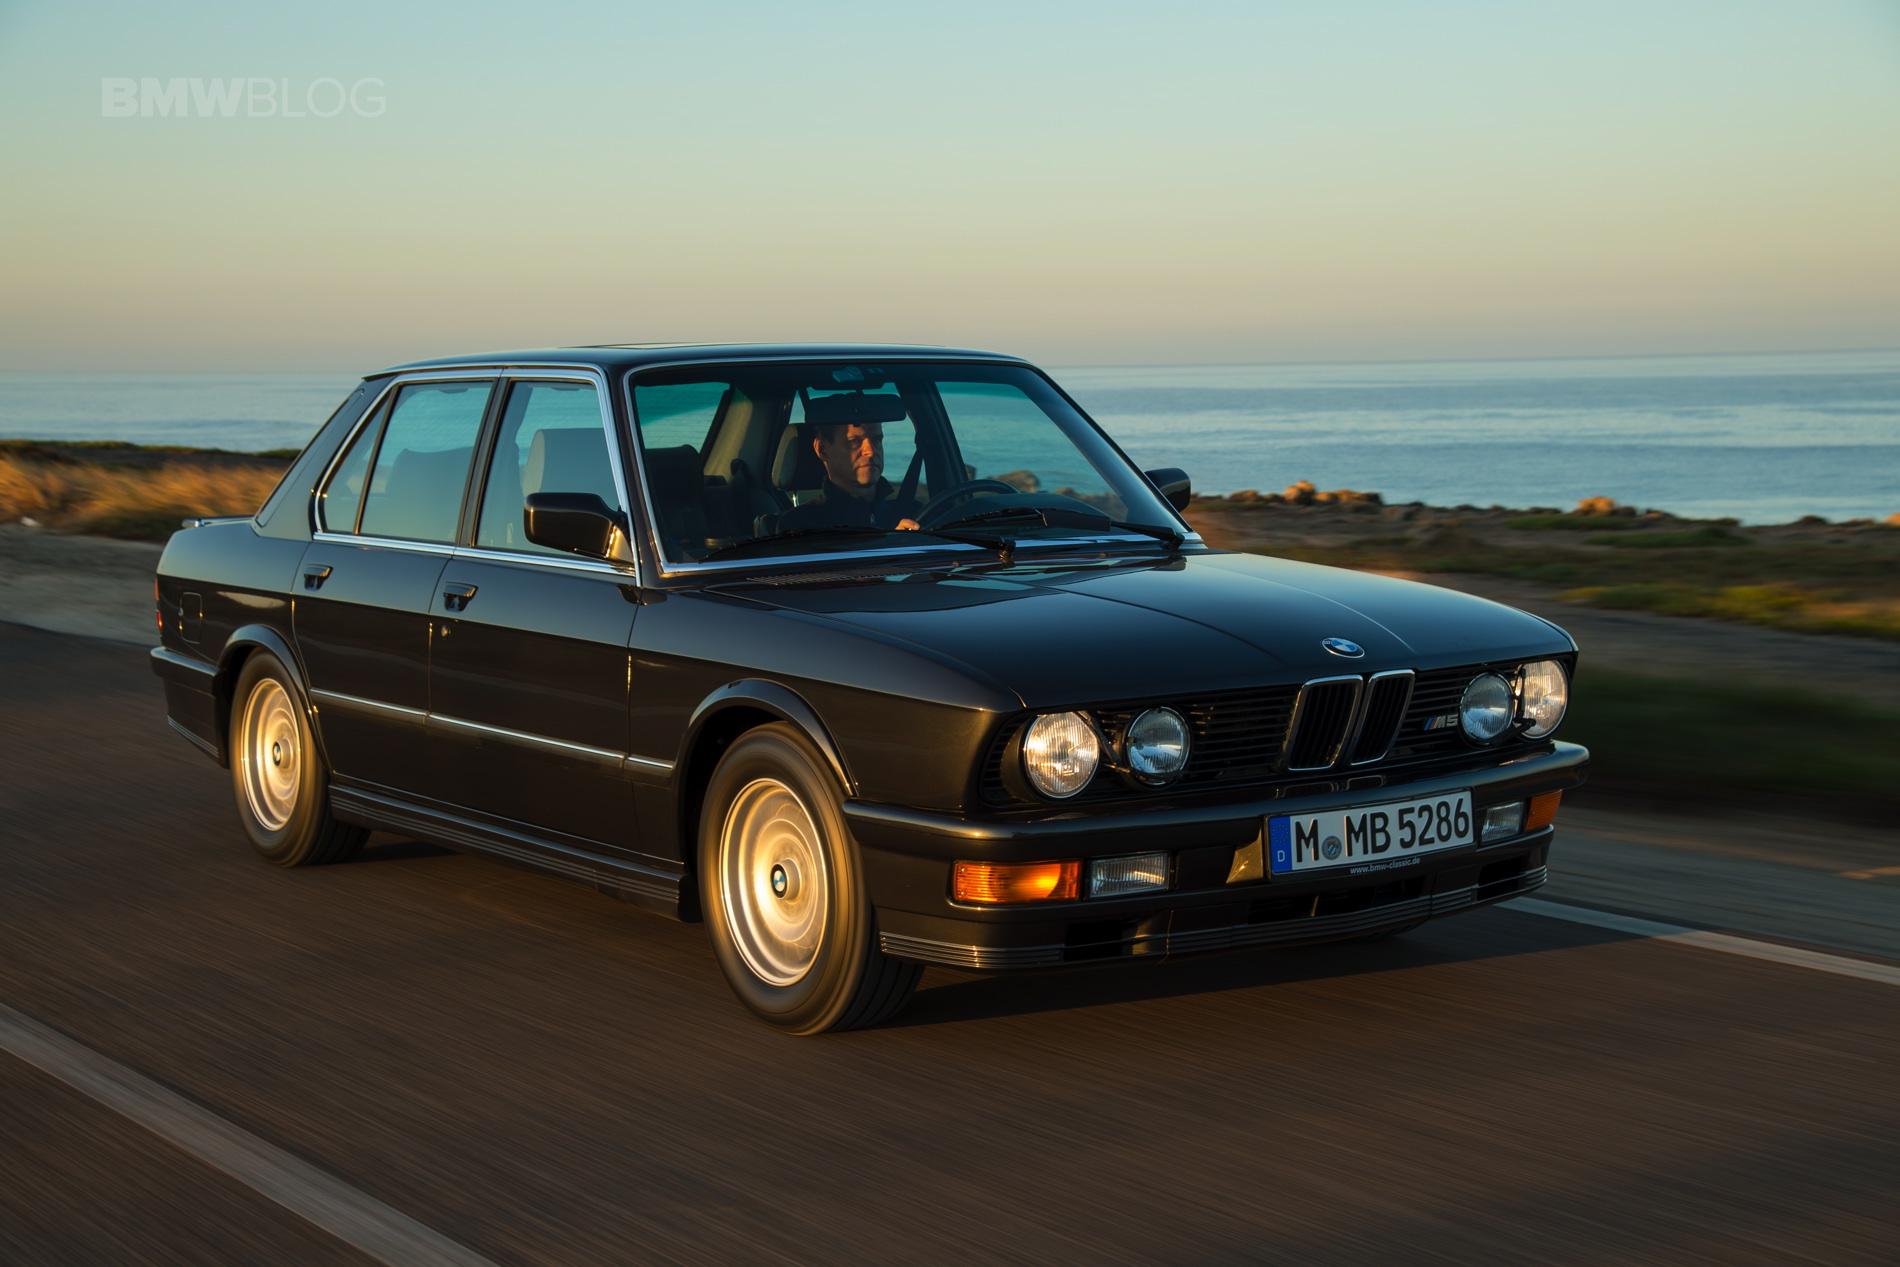 BMW M5 E28 13